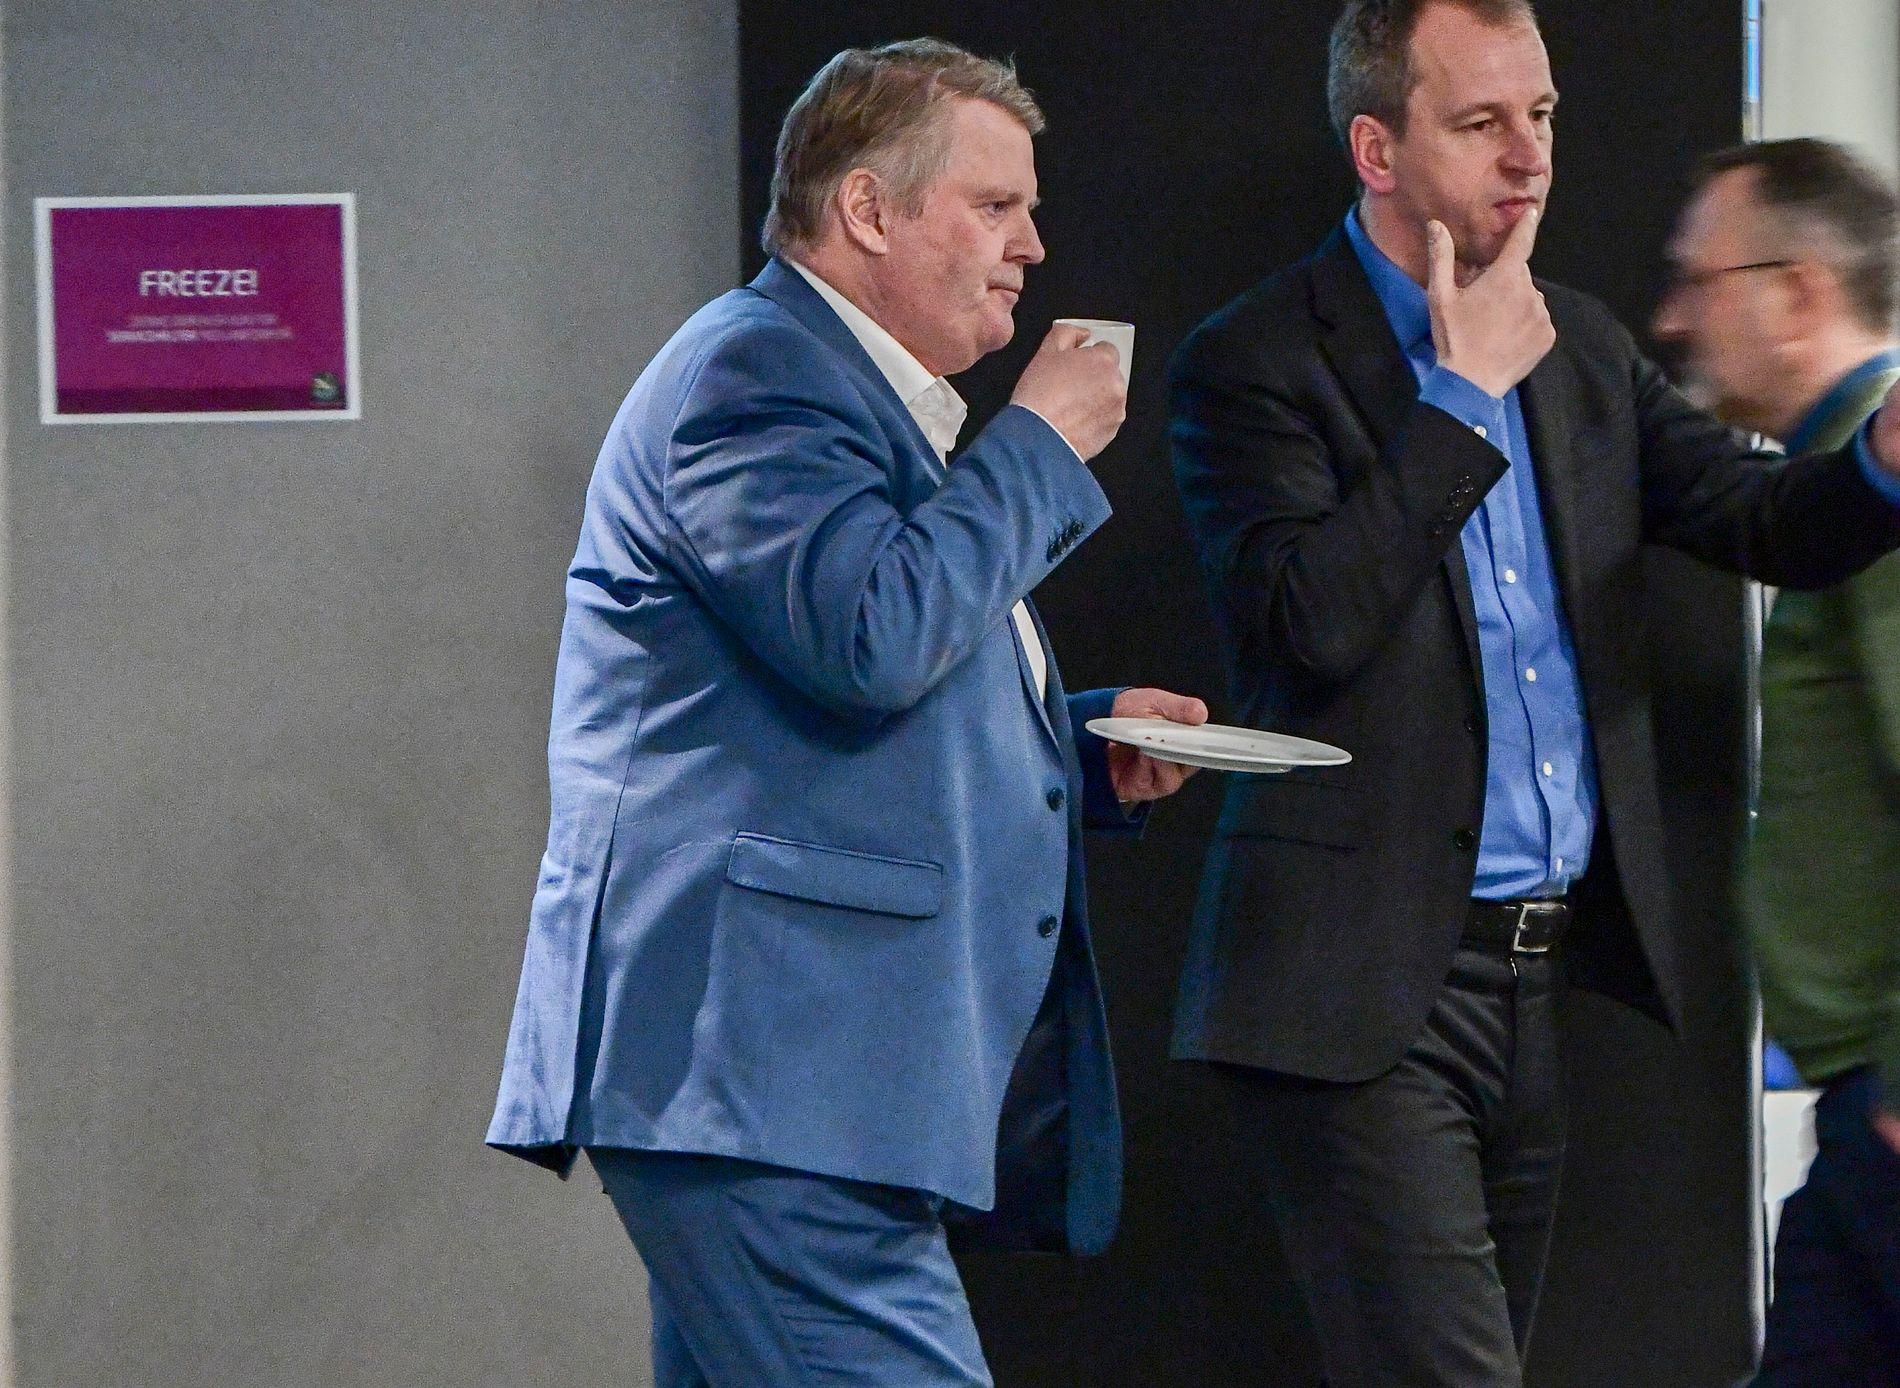 VIL FORHANDLE: Leder Hans Fredrik Grøvan i KrFs stortingsgruppe avbildet i en kaffepause da KrFs landsstyre sa ja til å gå inn i regjering – på Gardermoen.